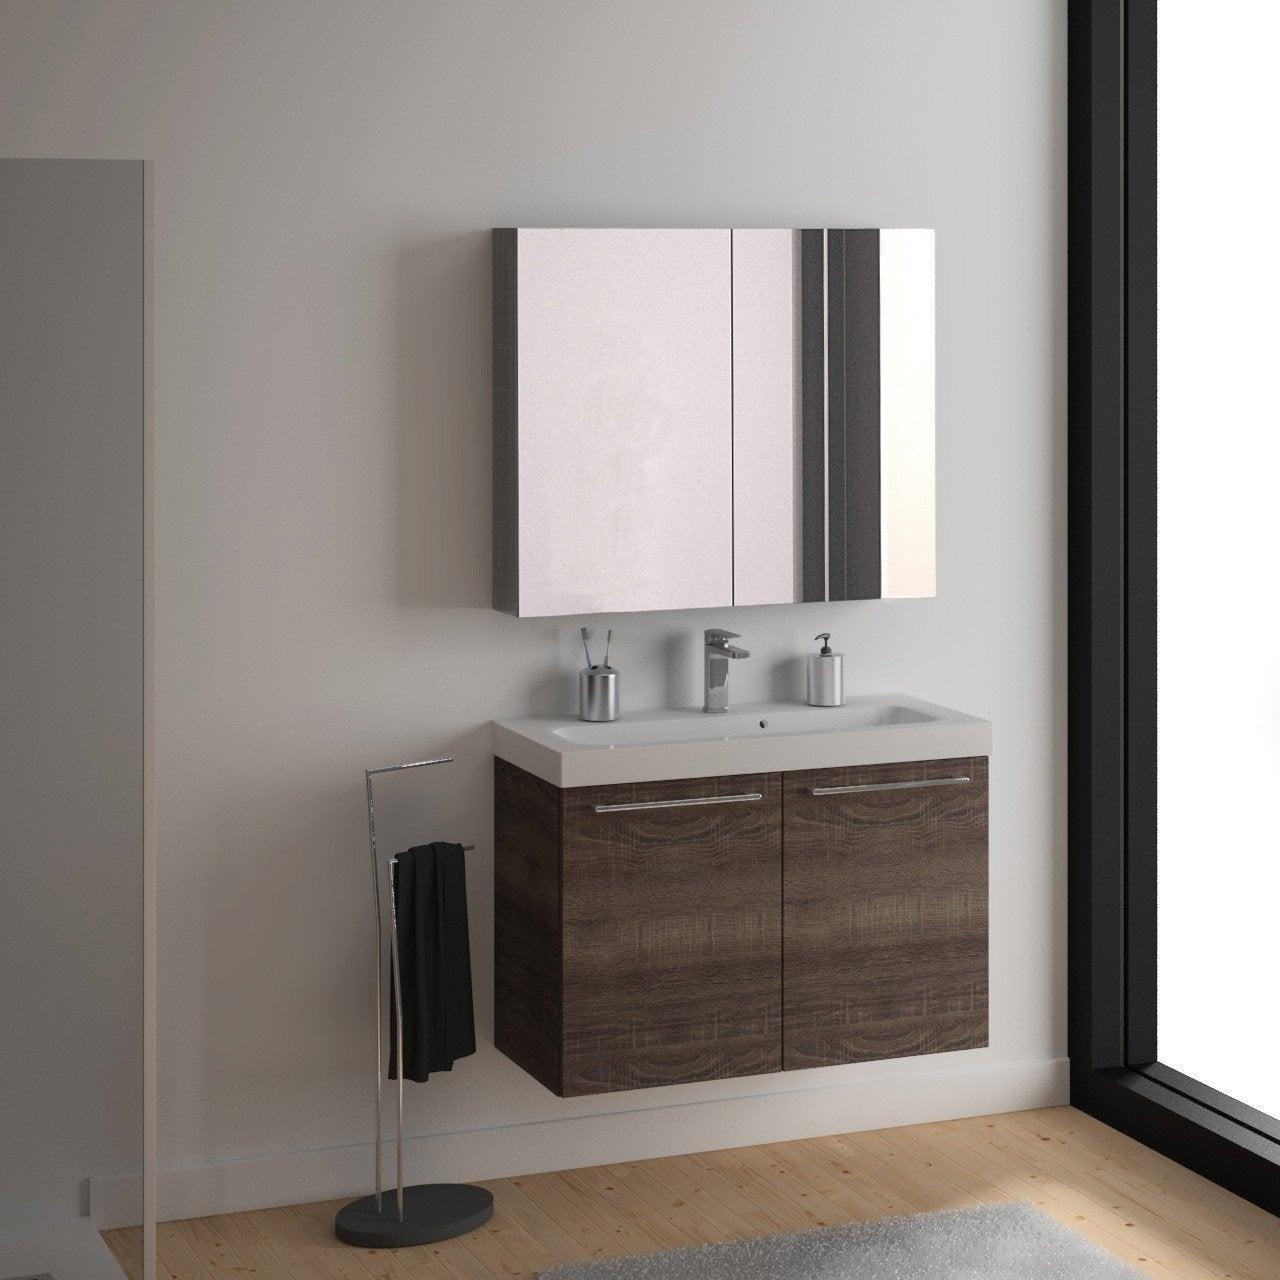 Meuble de salle de bains de 80 99 brun marron remix - Meubles de salle de bains leroy merlin ...